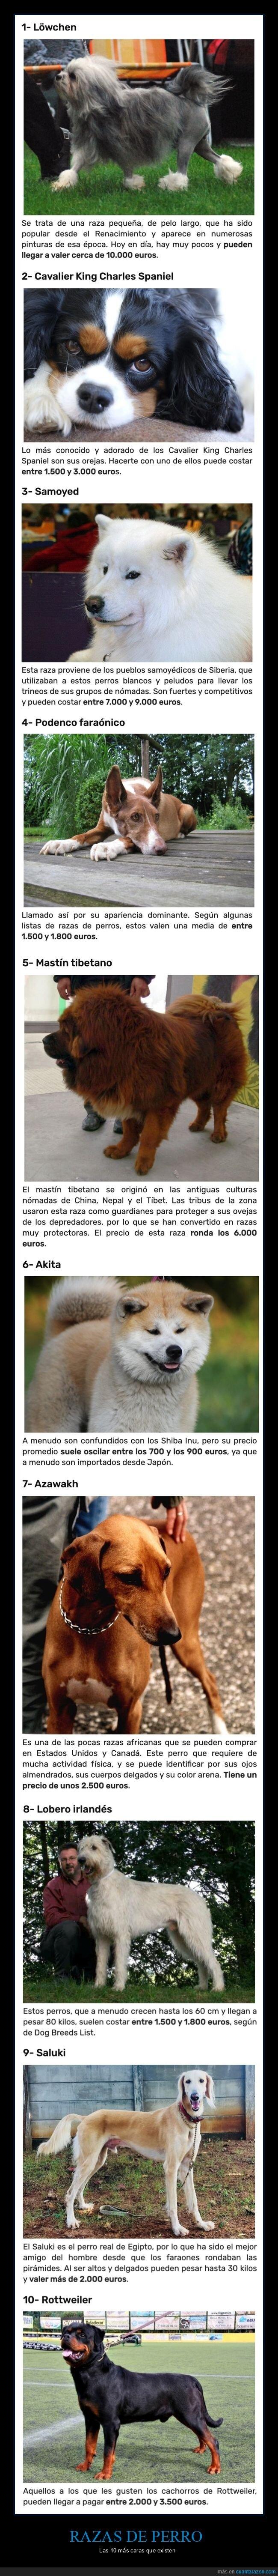 caras,perros,razas